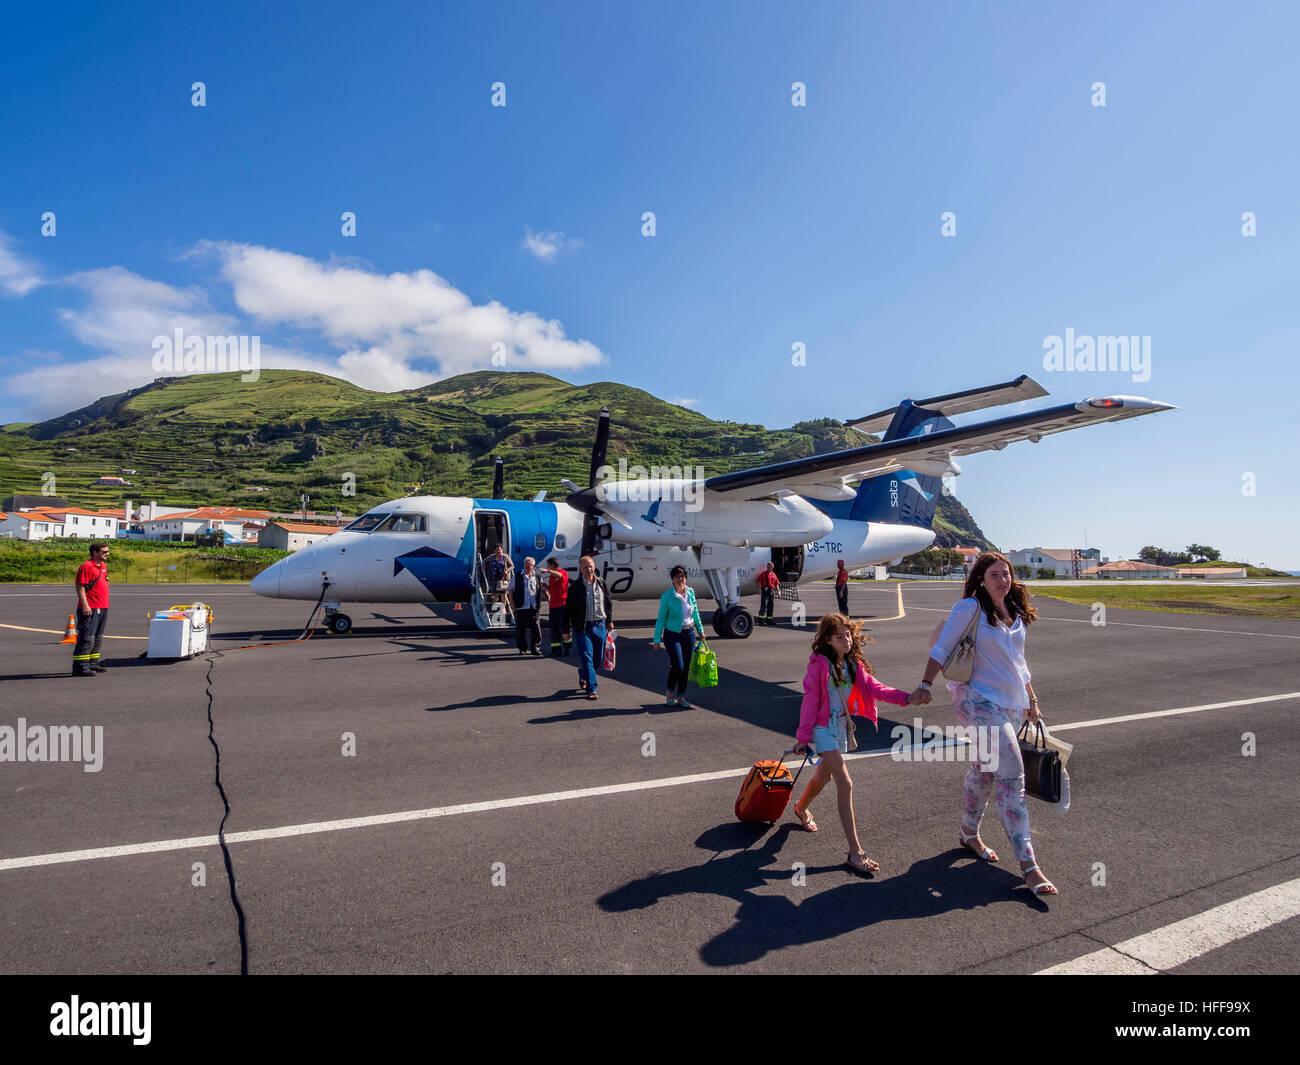 Aeroporto Do : Aeroporto galeao rio de janeiro aerea aviões em foco